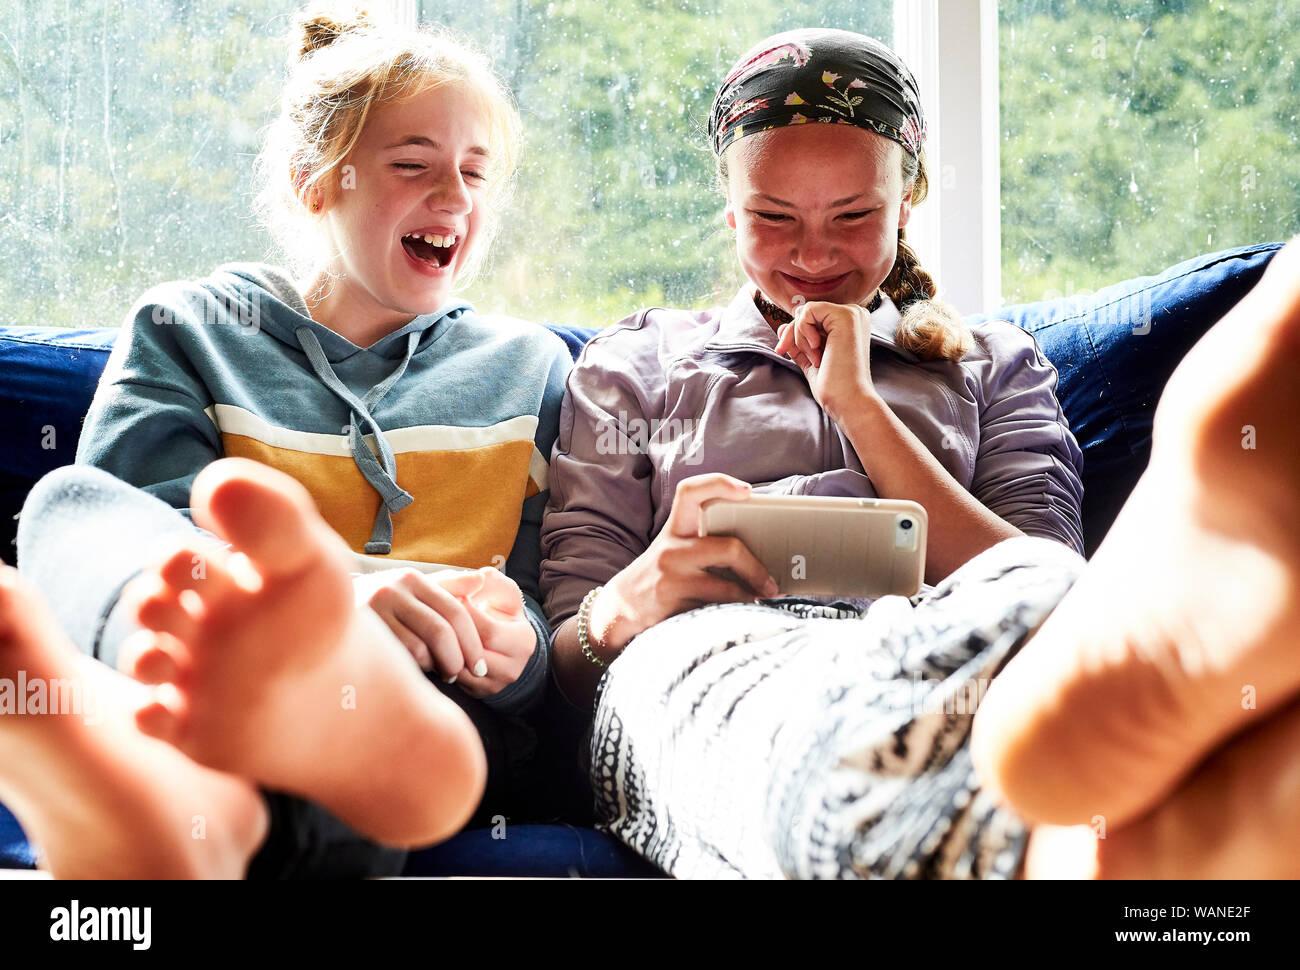 Les jeunes filles assis sur un canapé en regardant un écran et de rire Banque D'Images